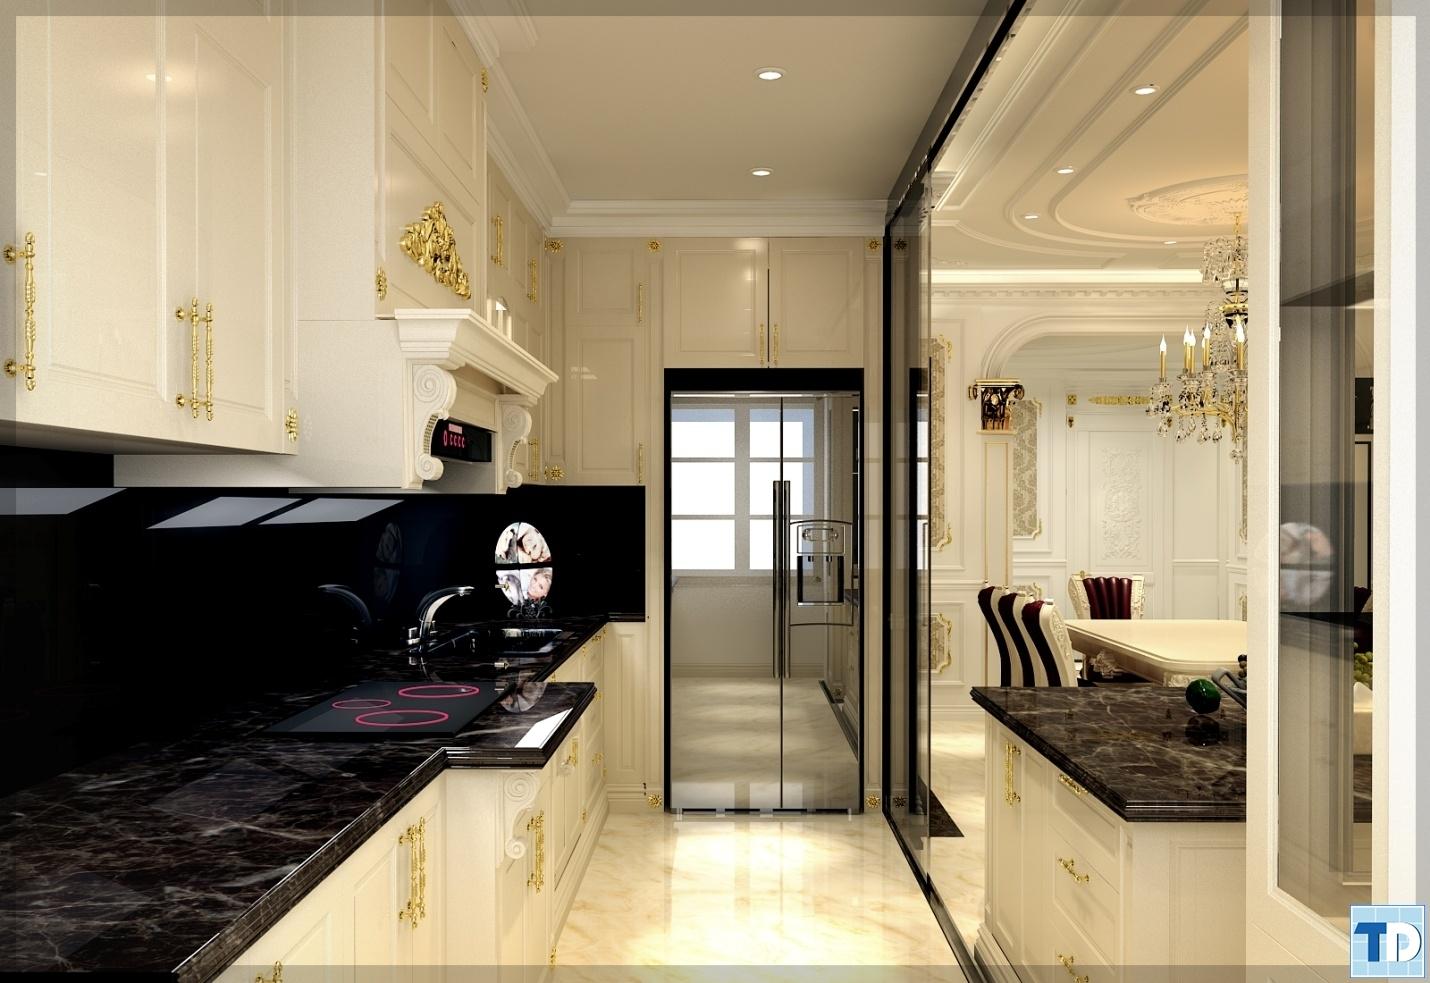 Phòng bếp nhà anh hiếu khu chung cư cao cấp Tam Trinh